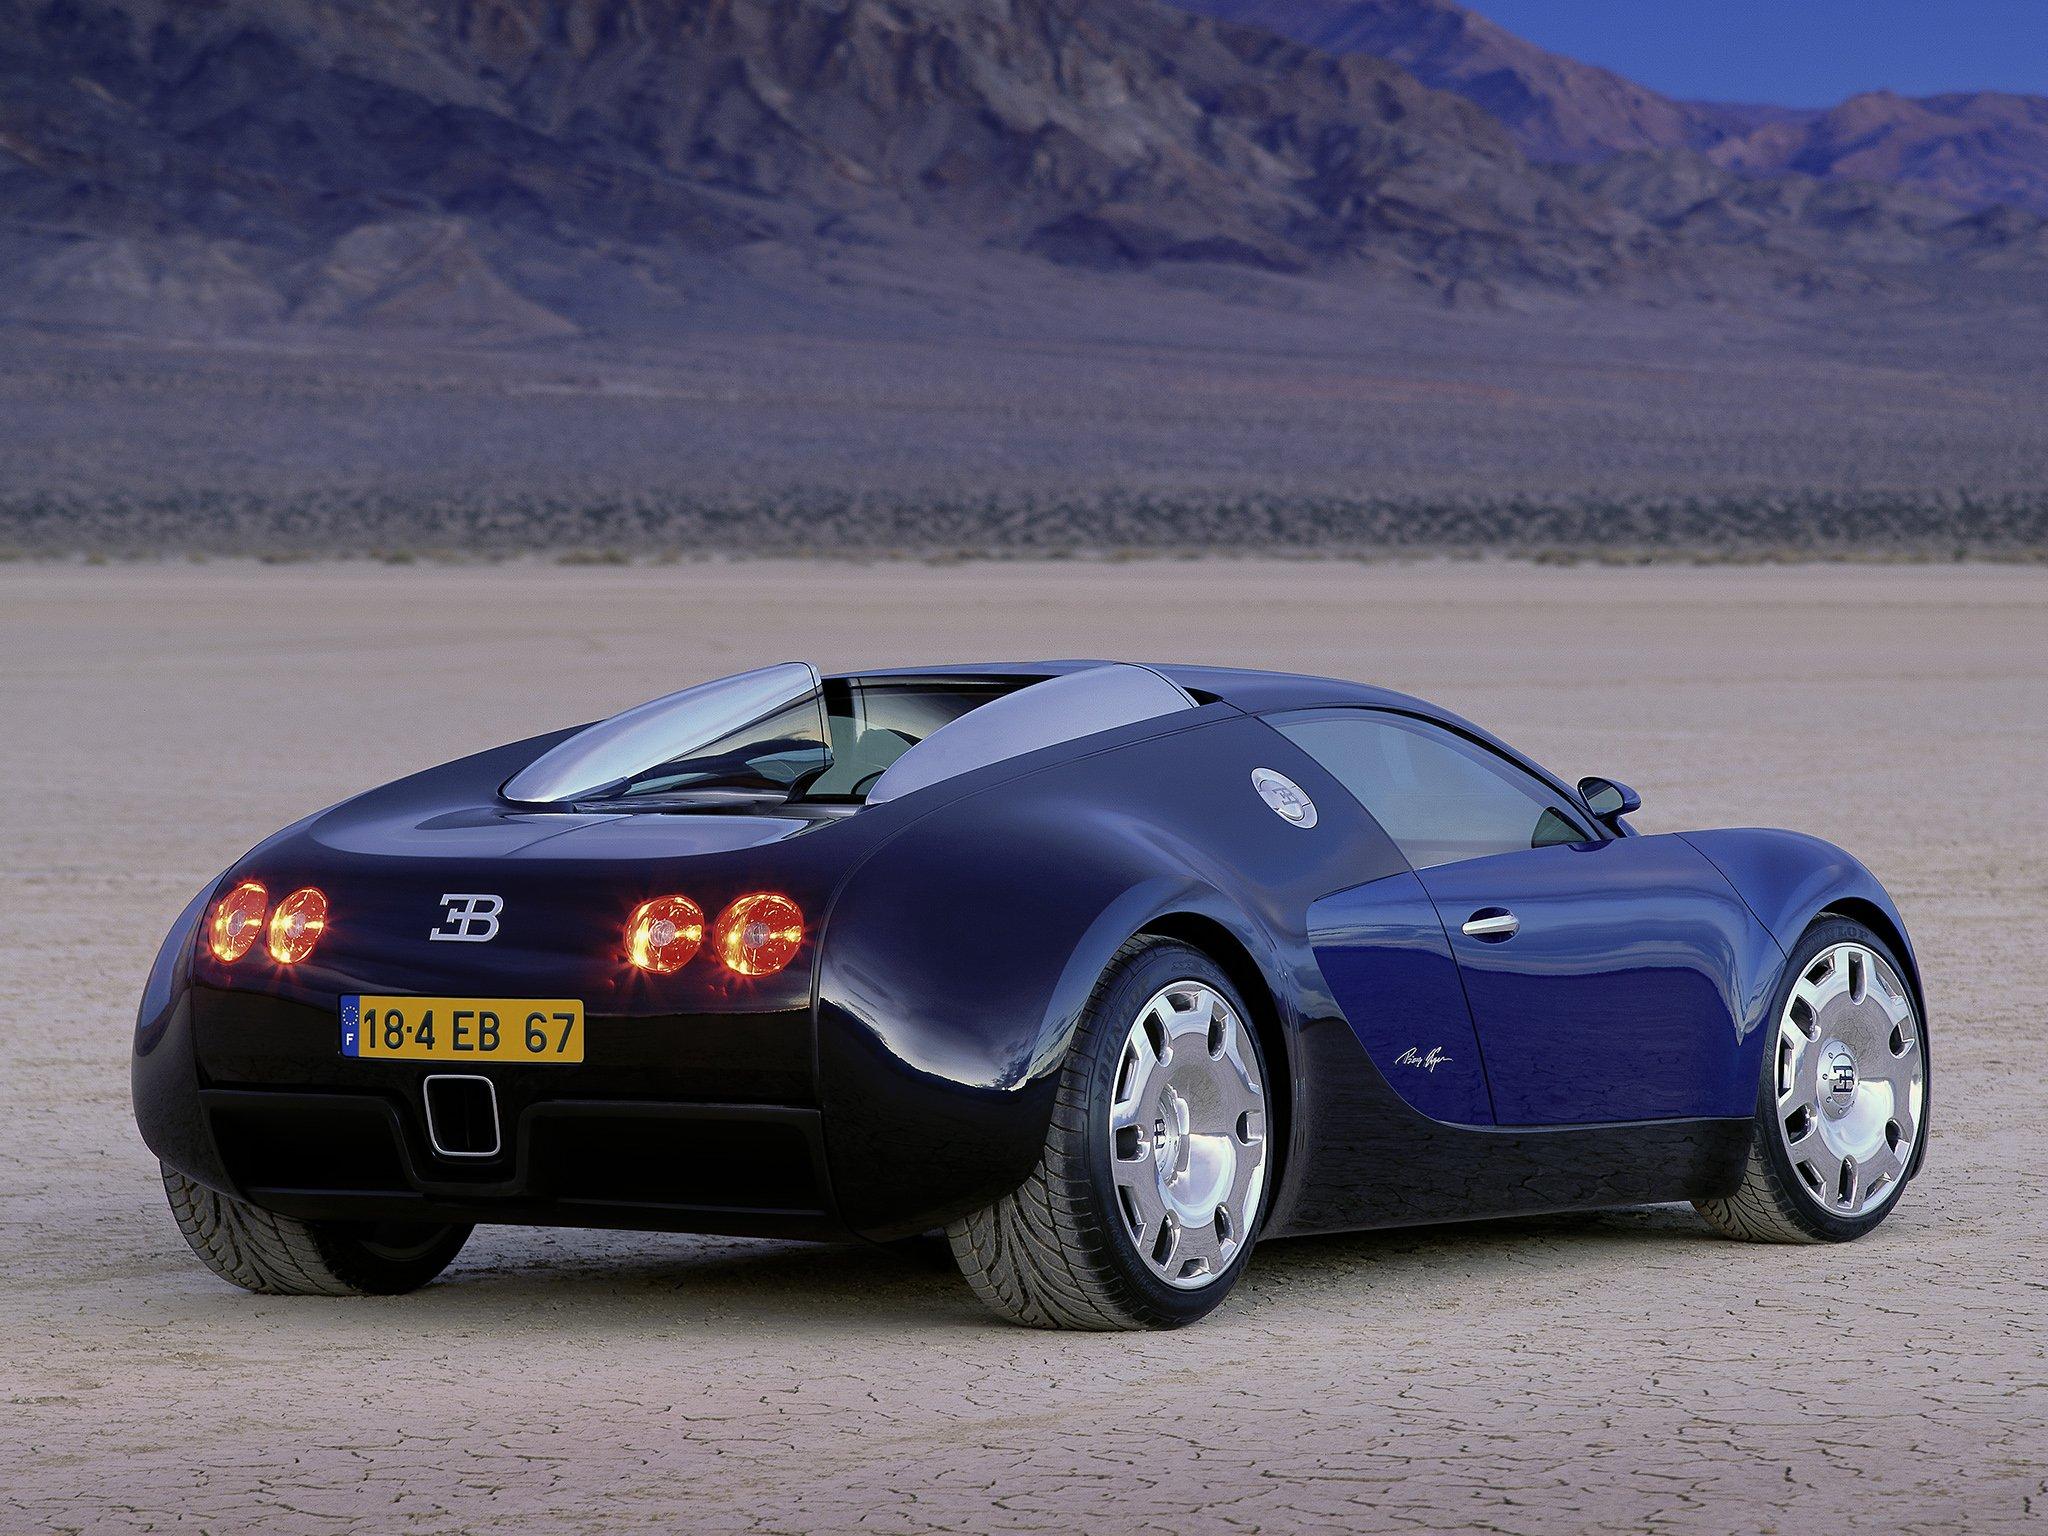 1999 bugatti e b 18 4 veyron concept supercar f wallpaper 2048x1536 24983. Black Bedroom Furniture Sets. Home Design Ideas